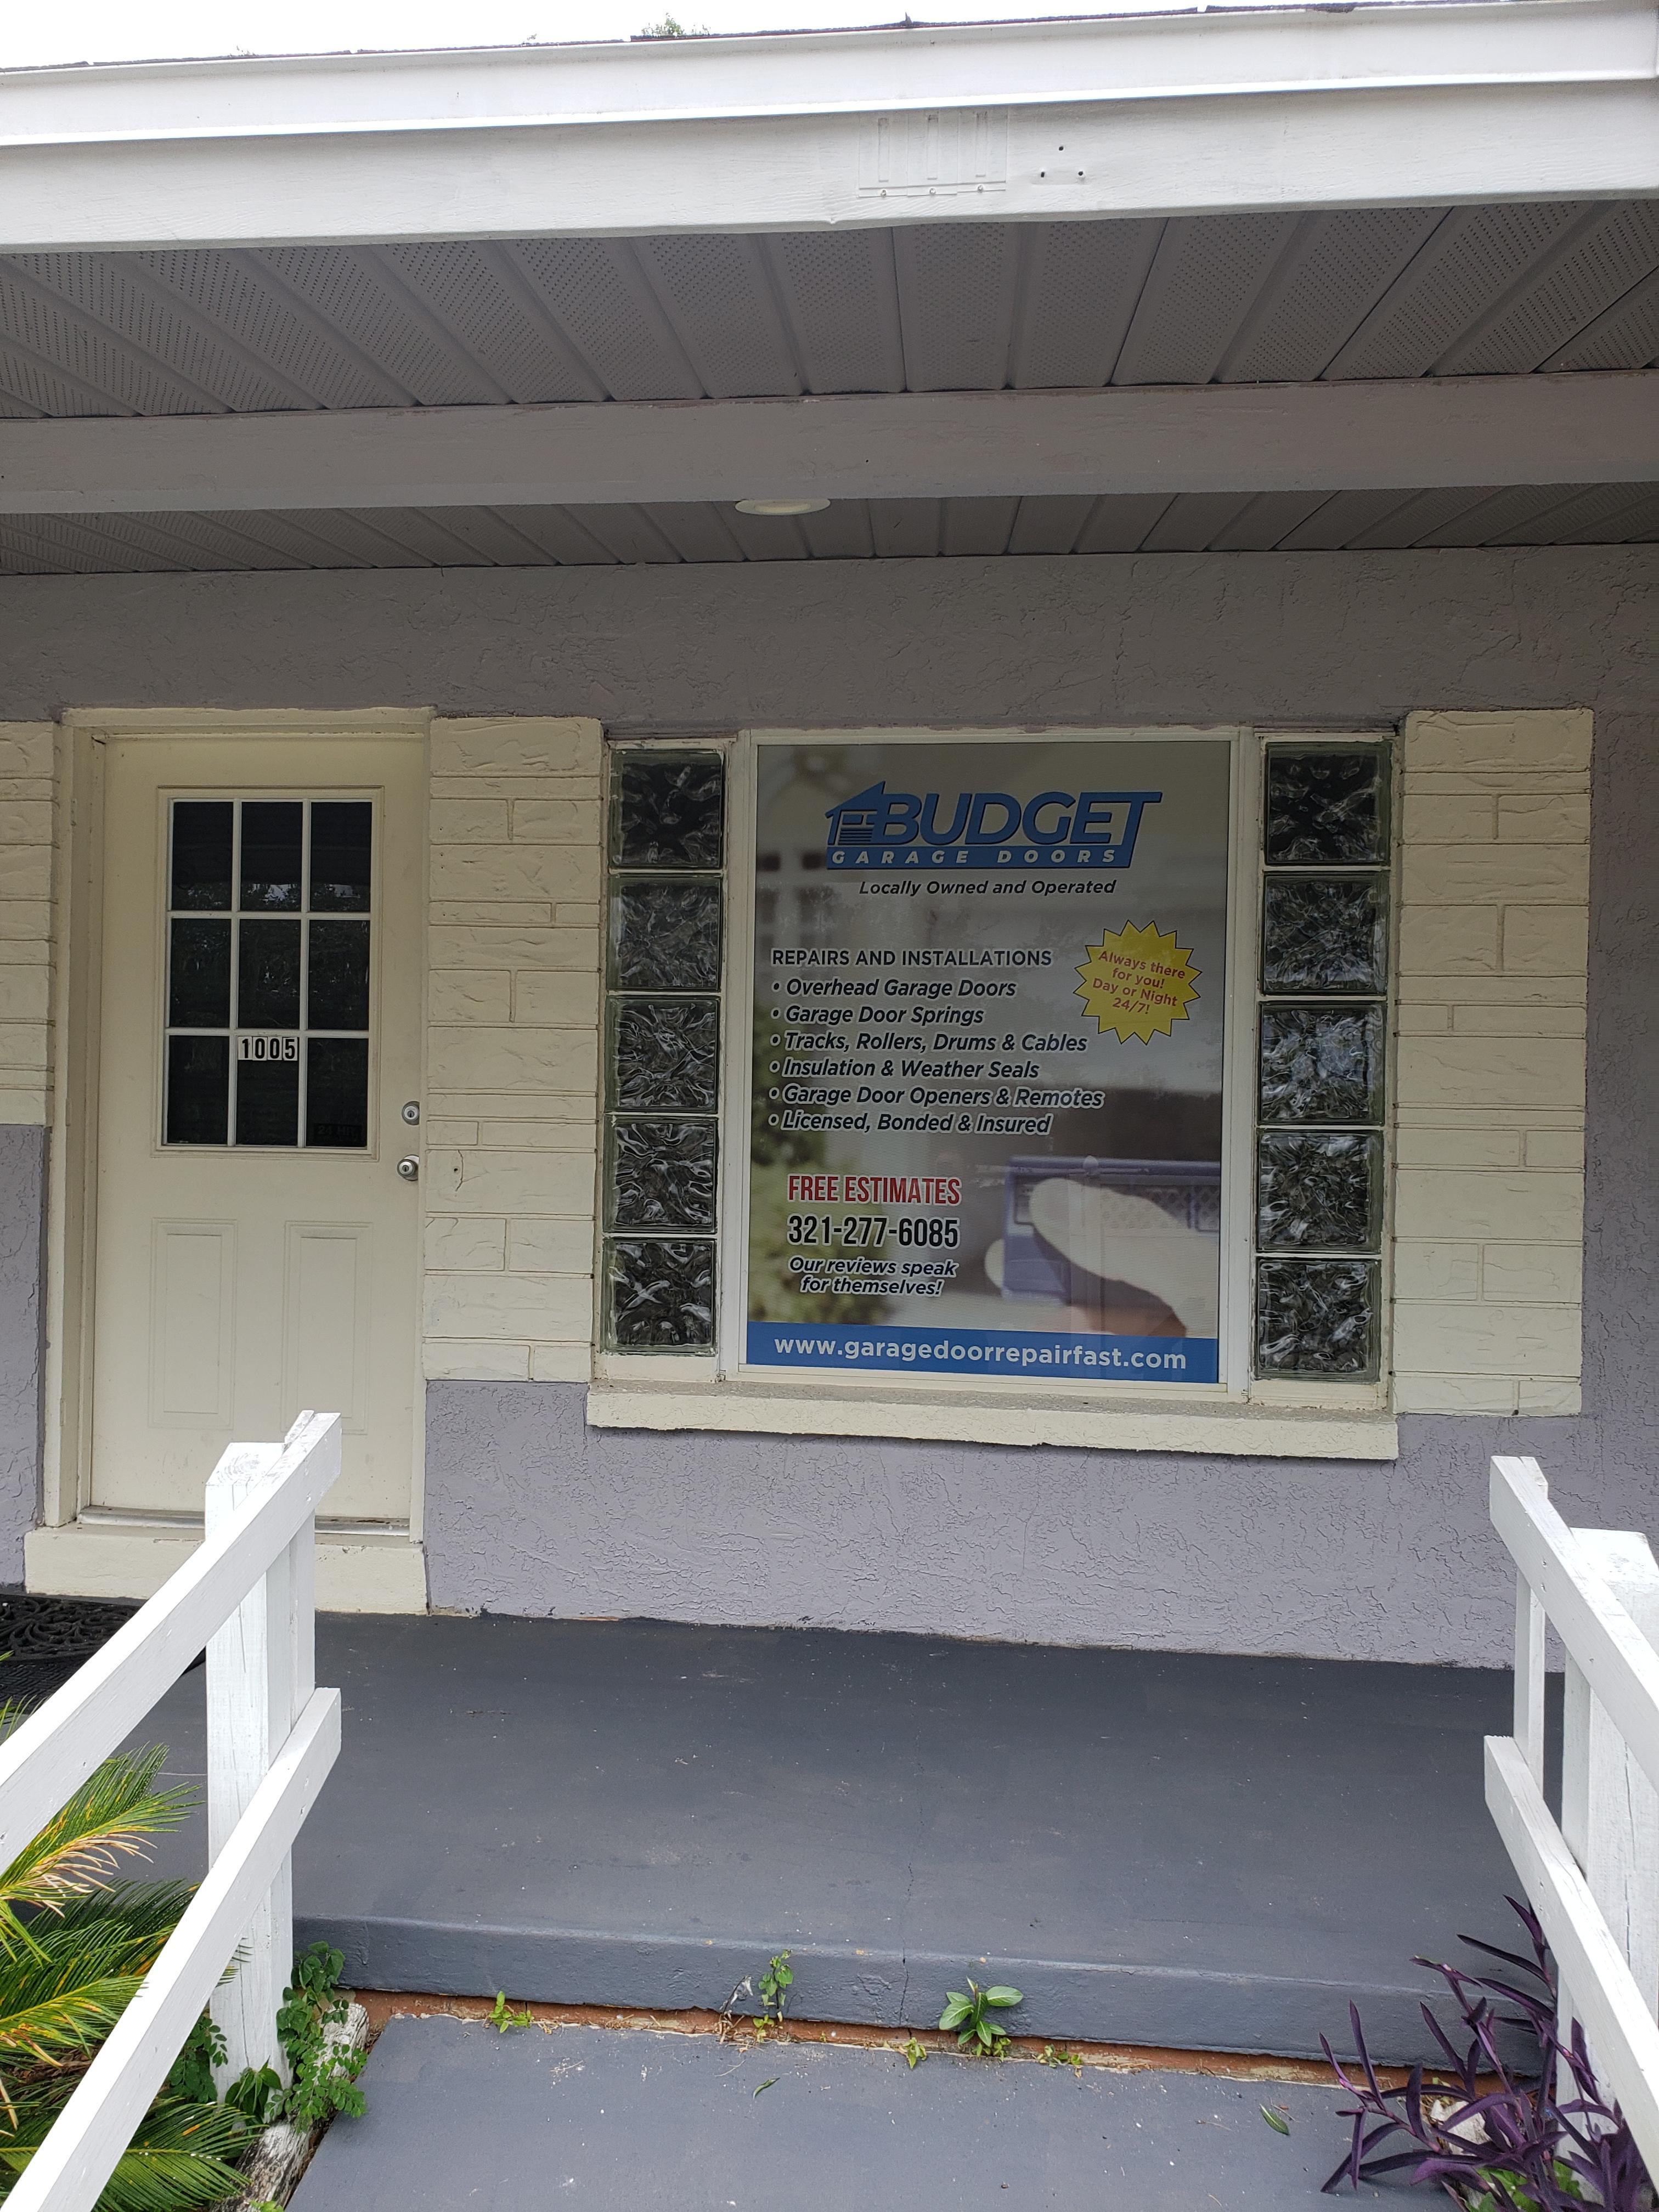 Budget Garage Doors image 0